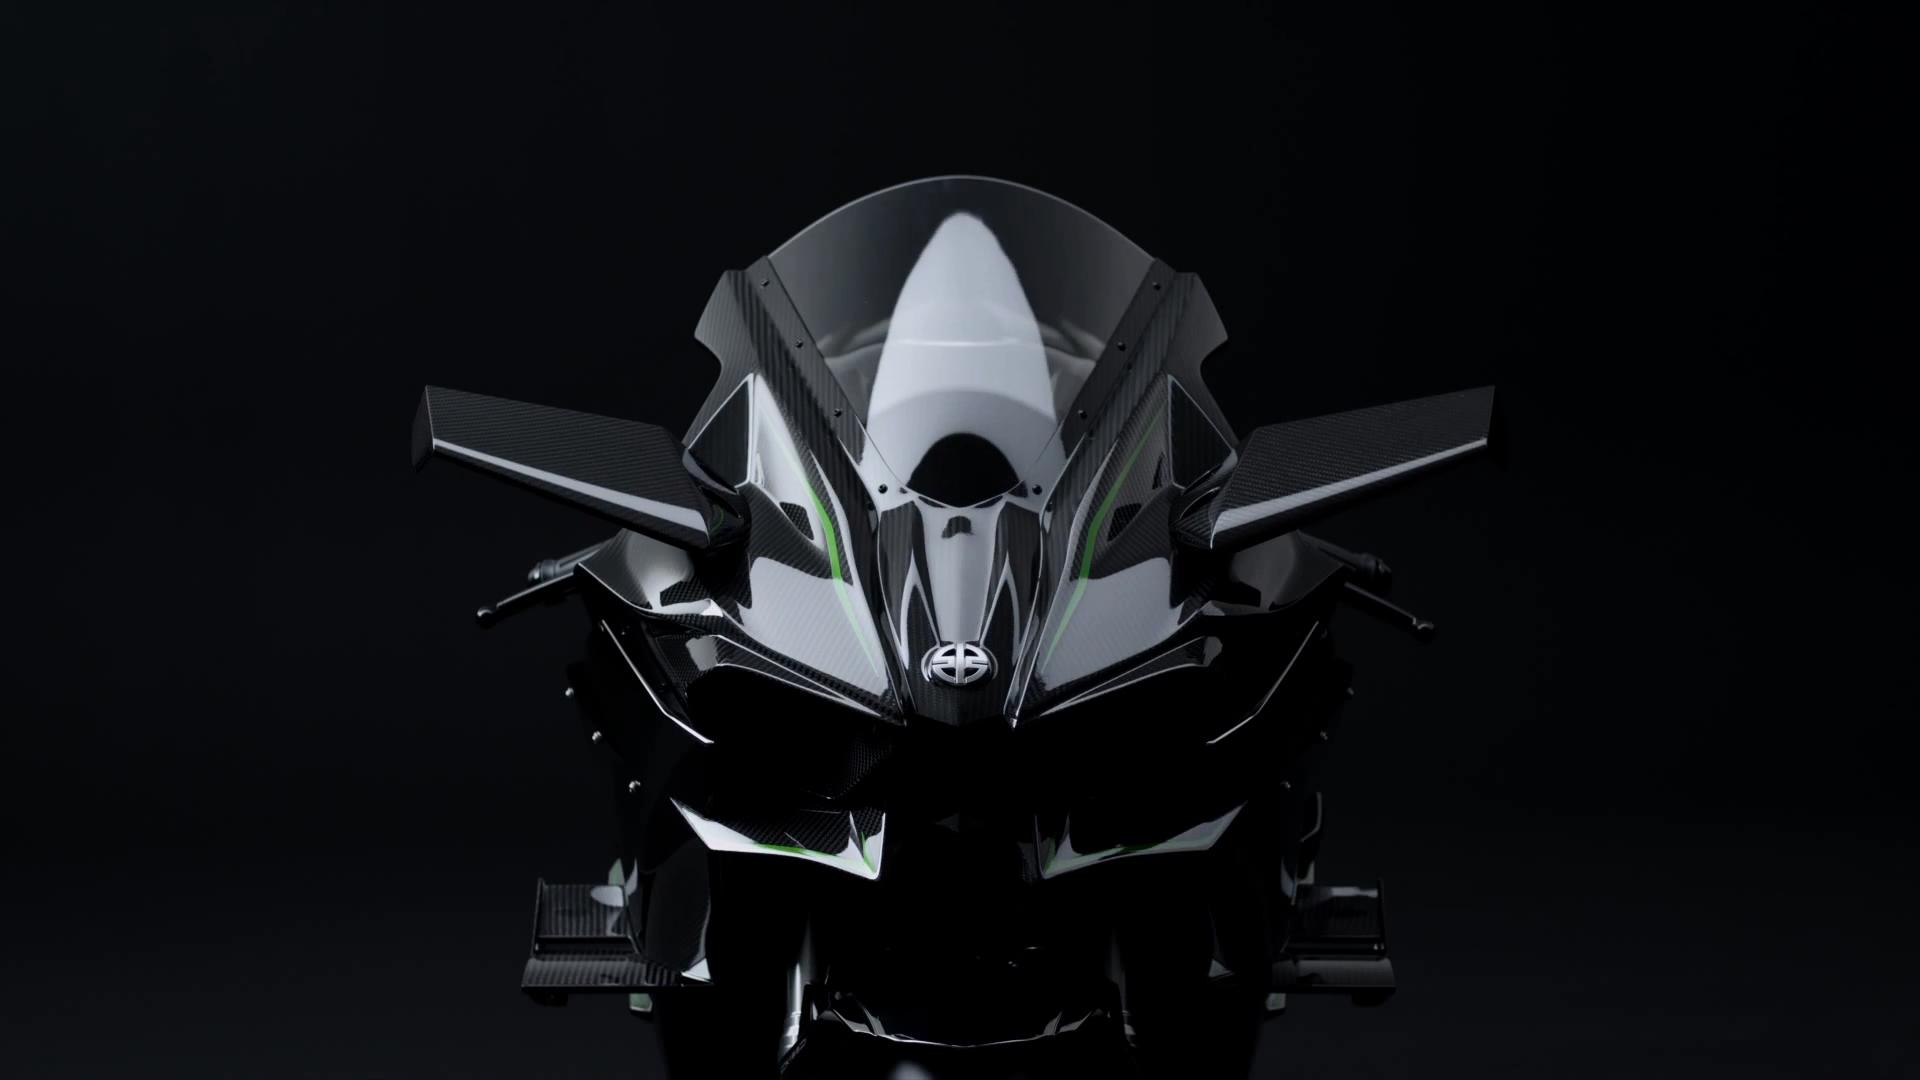 Kawasaki Ninja H2r Pics And Video Show A Game Changer Autoevolution